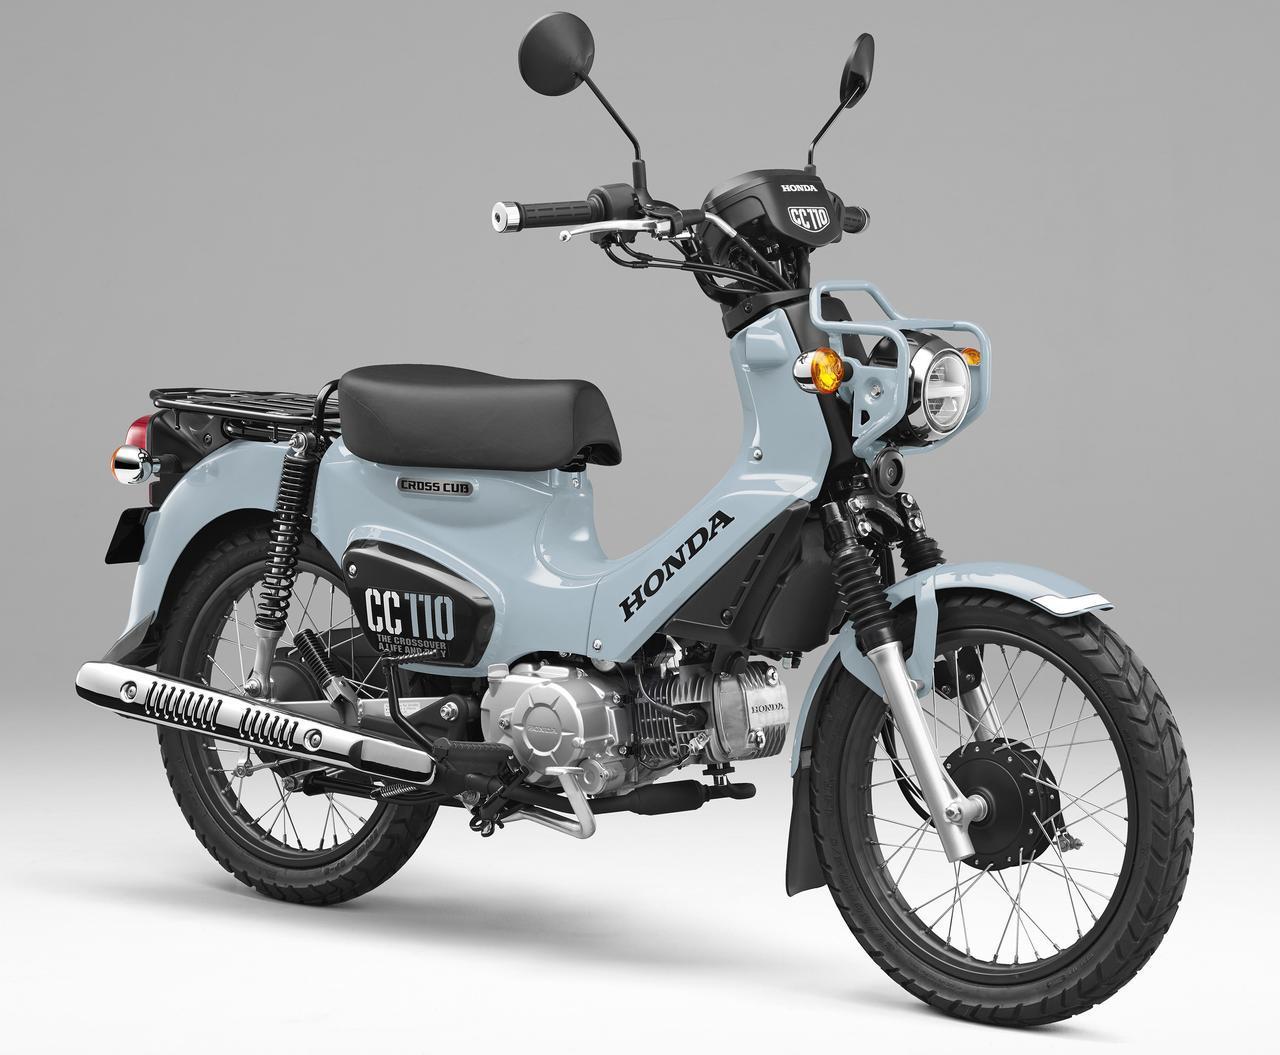 画像: Honda CROSS CUB 110 限定カラー・プコブルー 総排気量:109cc エンジン形式:空冷4ストOHC2バルブ単気筒 シート高:784mm 車両重量:106kg 発売日:2021年7月22日(木・祝) 税込価格:34万1000円 2000台限定